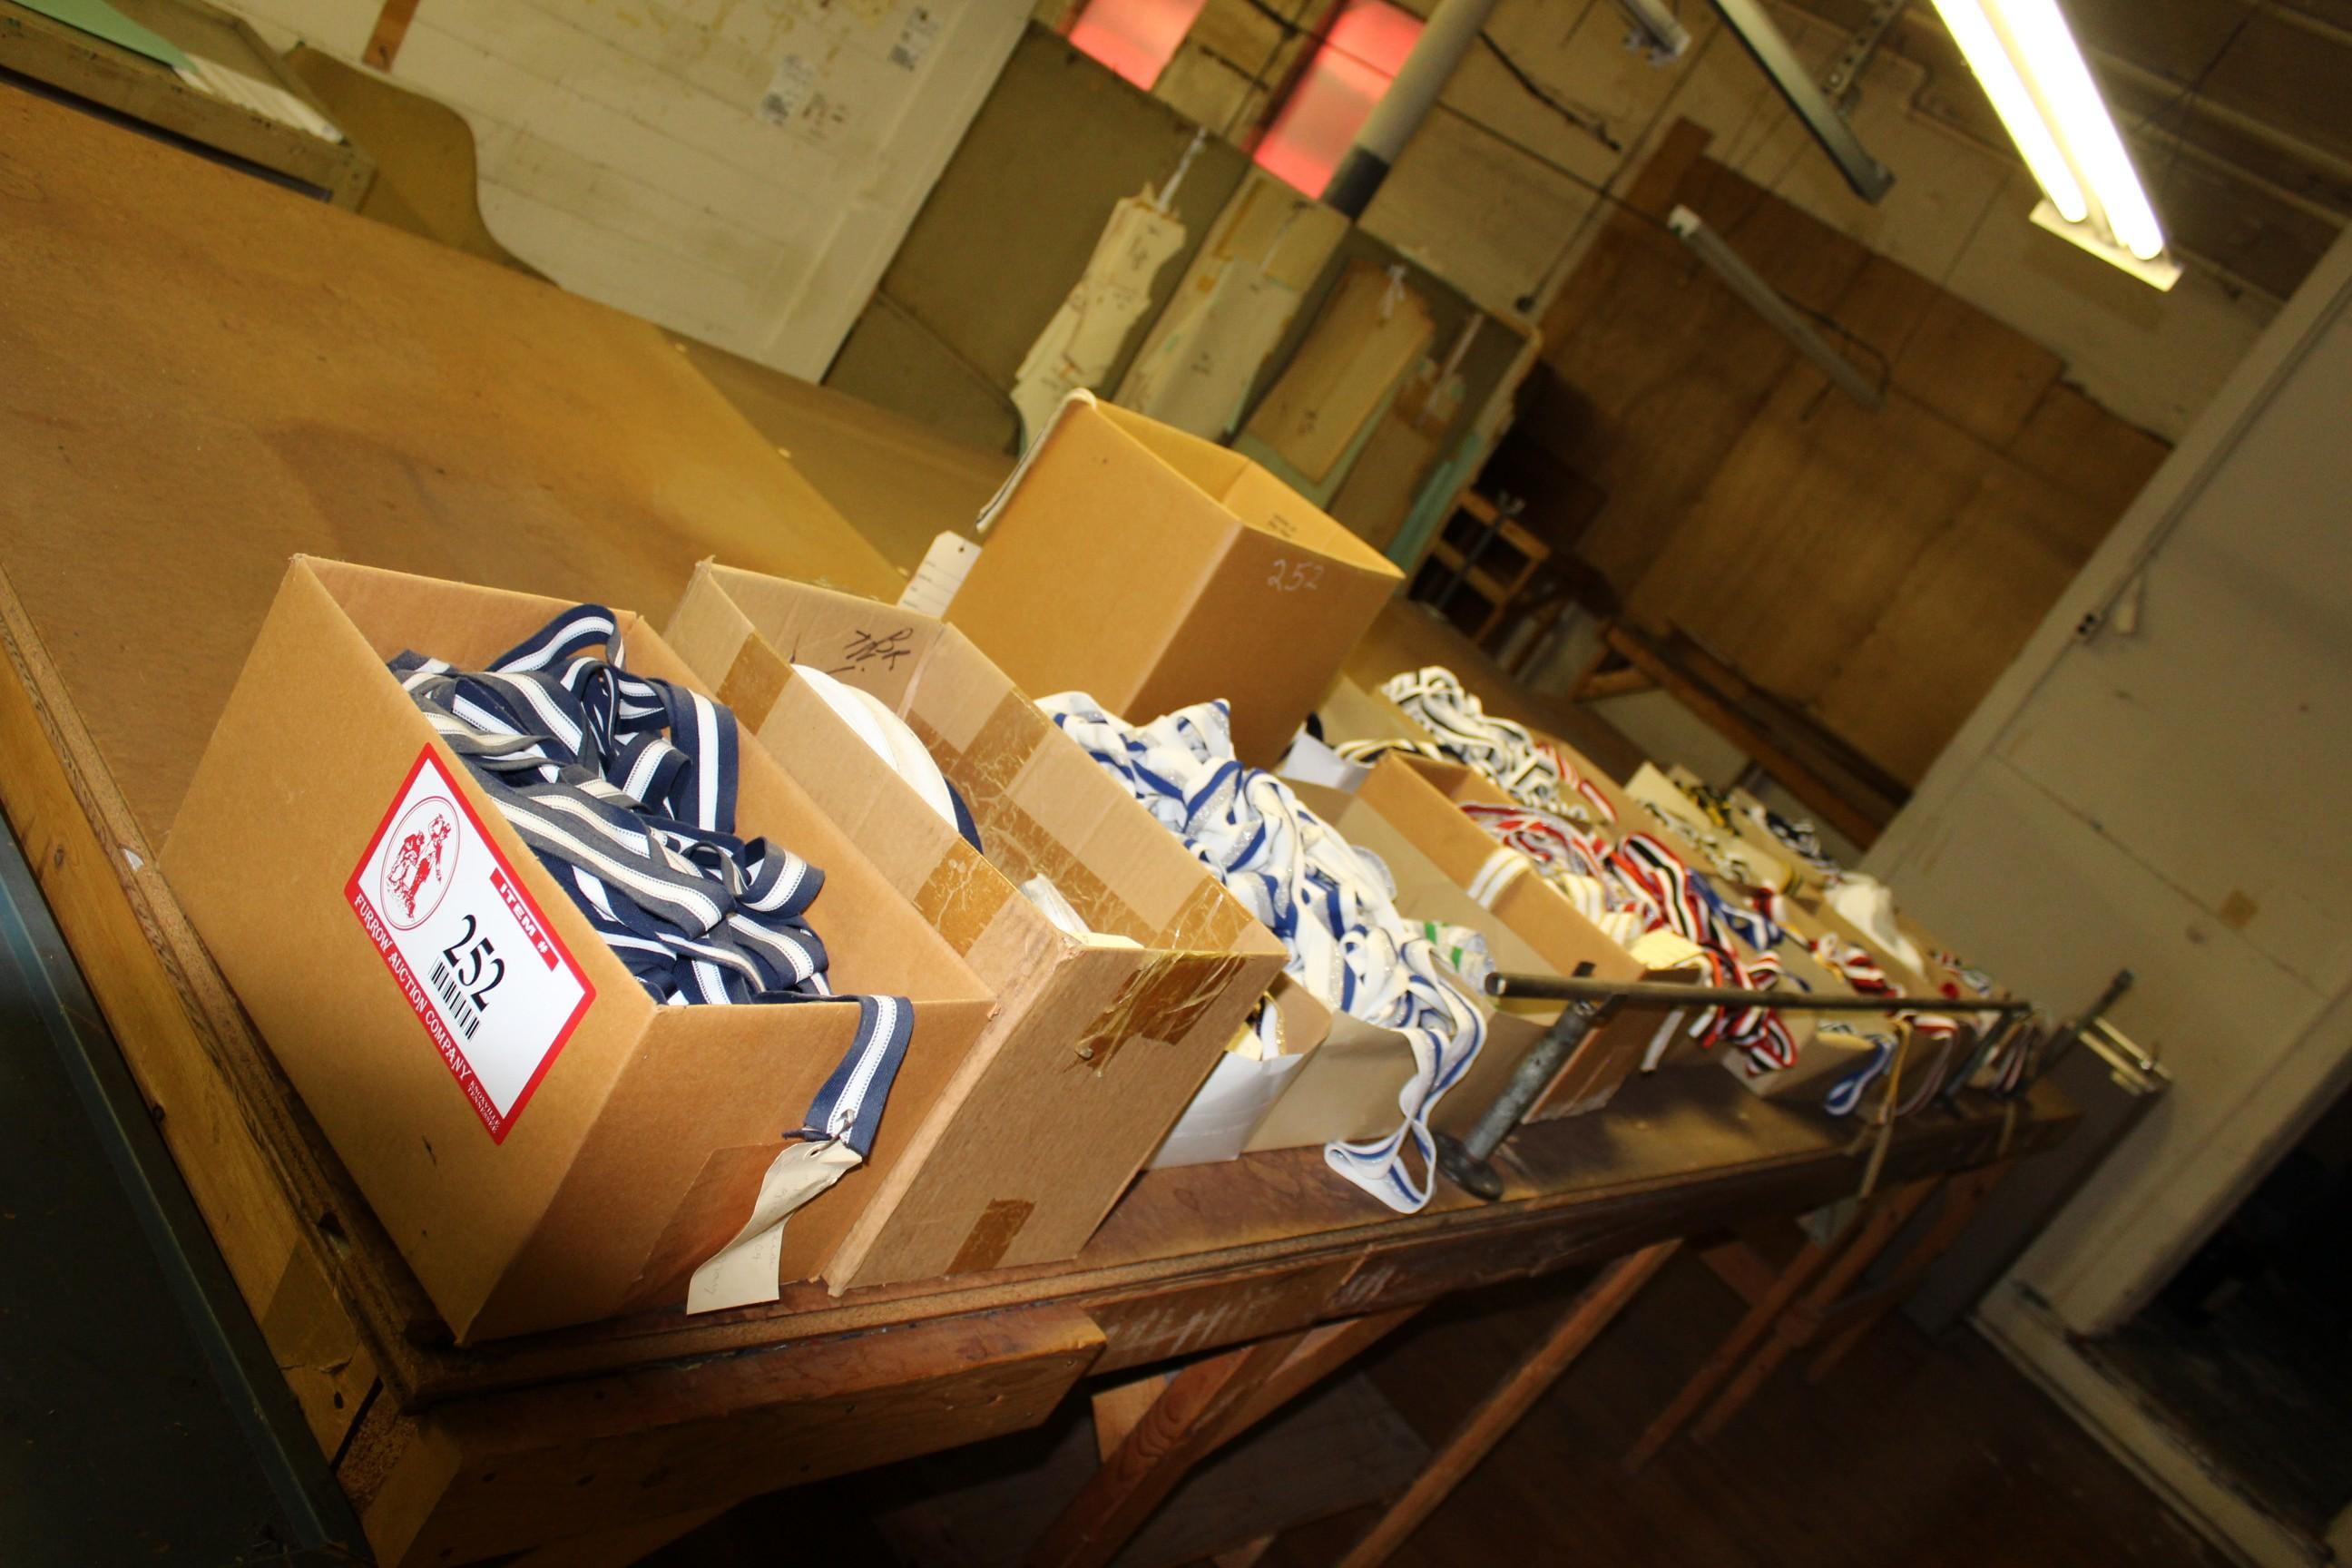 Lot 252 - (19) Boxes Various Color Braid Trim